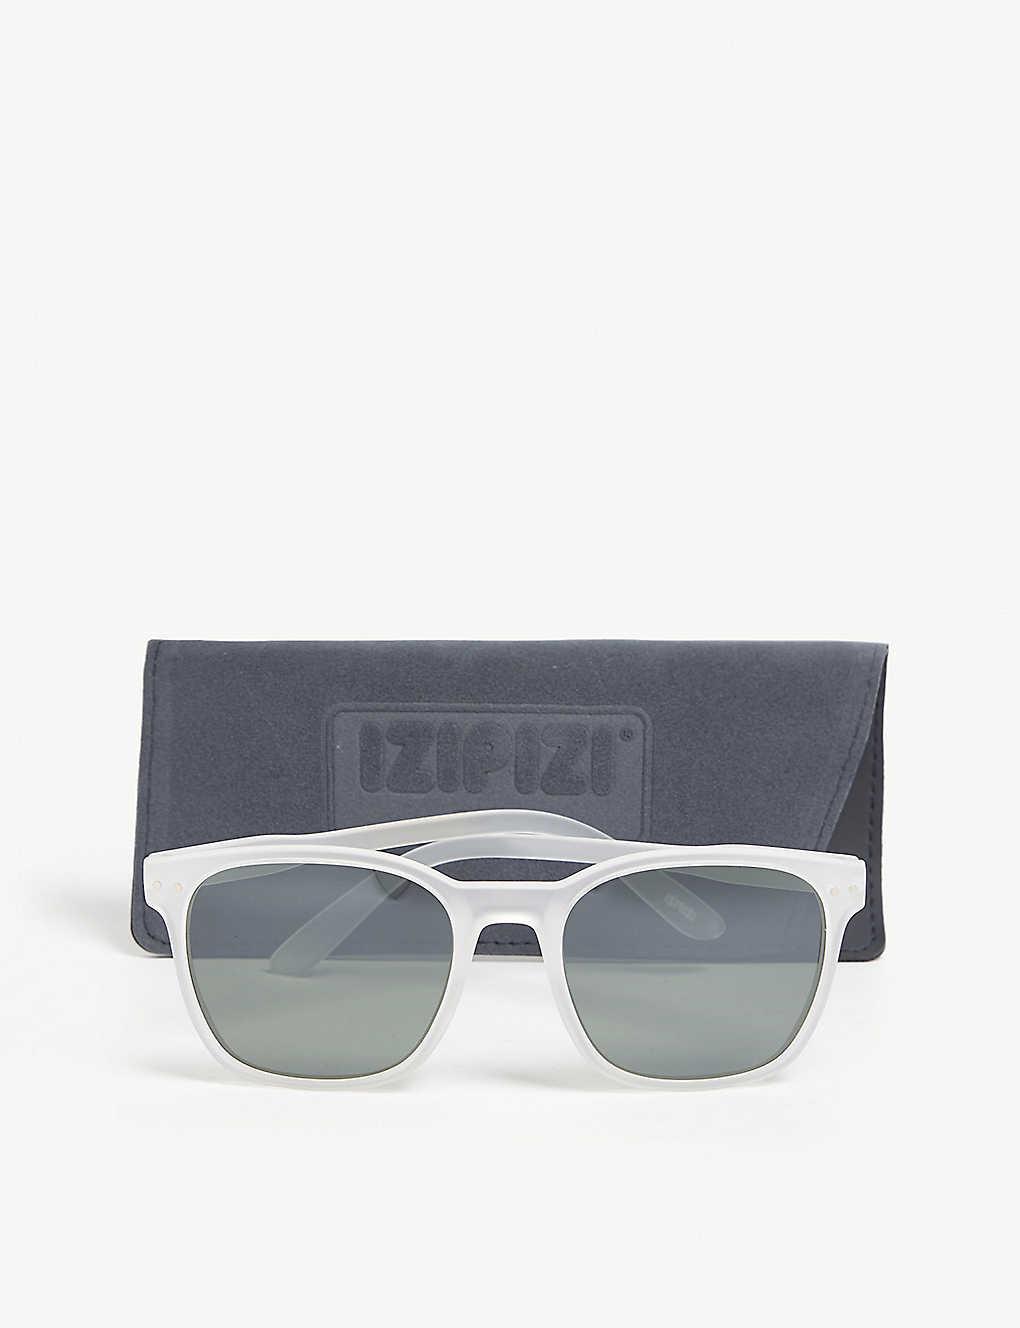 bc1a638ff9aae Sun Nautic sunglasses  Sun Nautic sunglasses ...